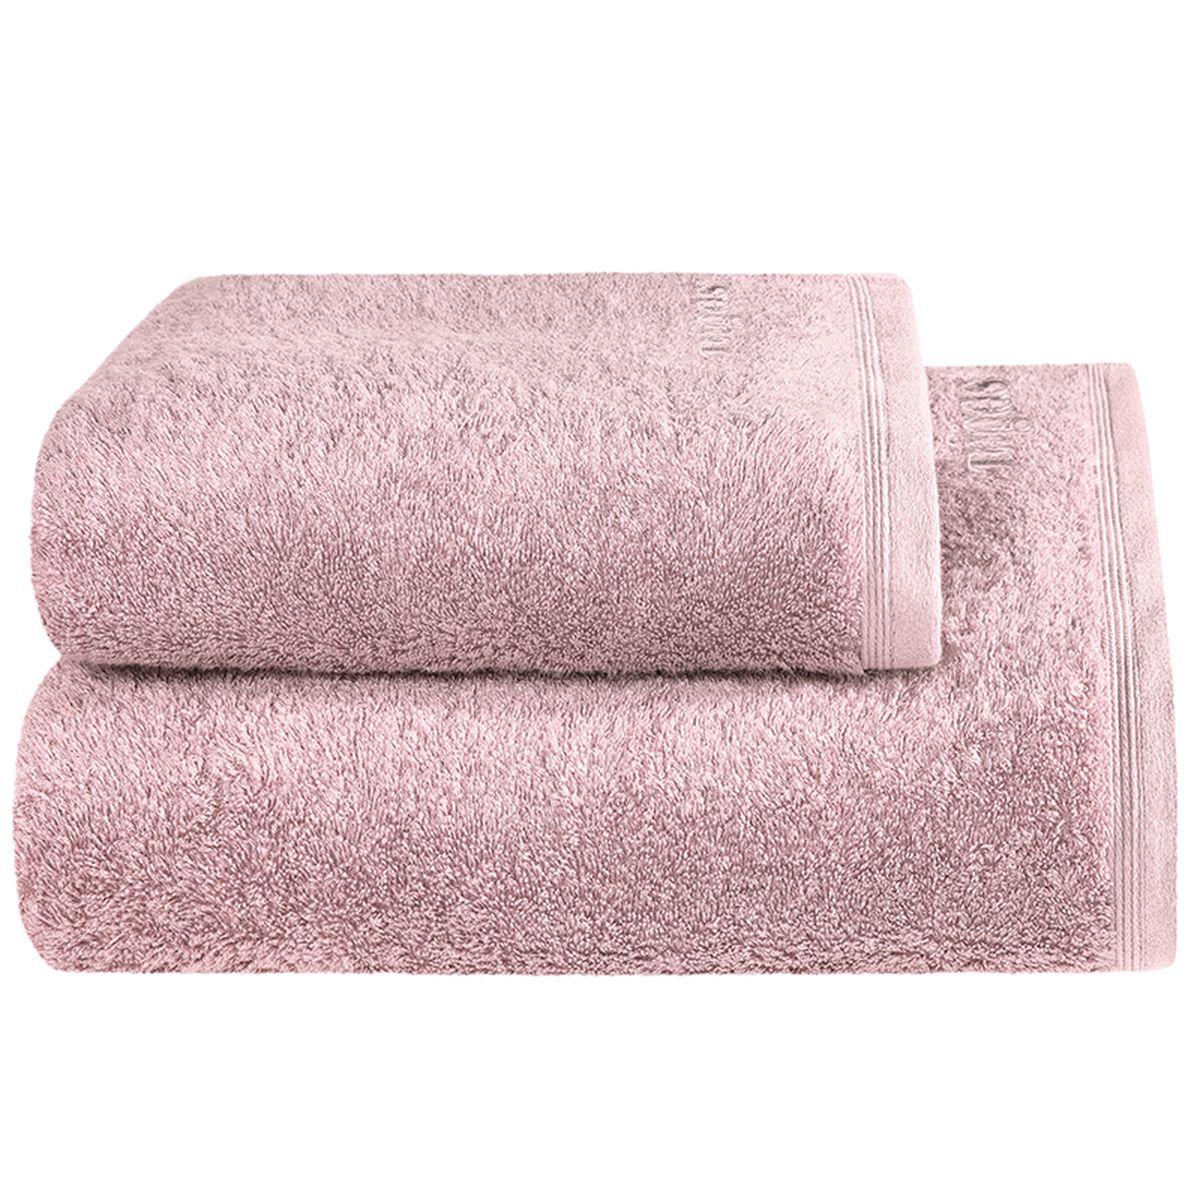 Полотенце Togas Пуатье, цвет: розовый, 50 х 100 см10.00.01.1045Полотенце Togas Пуатье невероятно гармонично сочетает в себе лучшие качества современного махрового текстиля. Безупречные по качеству, экологичное полотенце из 70% хлопка и 30% модала идеально заботится о вашей коже, особенно после душа, когда вы расслаблены и особо уязвимы. Деликатный дизайн полотенца Togas «Пуатье» - воплощение изысканной простоты, где на первый план выходит качество материала. Невероятно мягкое волокно модал, превосходящее по своим свойствам даже хлопок, позволяет улучшить впитывающие качества полотенца и делает его удивительно мягким. Модал - это 100% натуральное, экологически чистое целлюлозное волокно. Оно производится без применения каких-либо химических примесей, поэтому абсолютно гипоаллергенно. Полотенце Togas Пуатье, обладающее идеальными качествами, будет поднимать вам настроение.